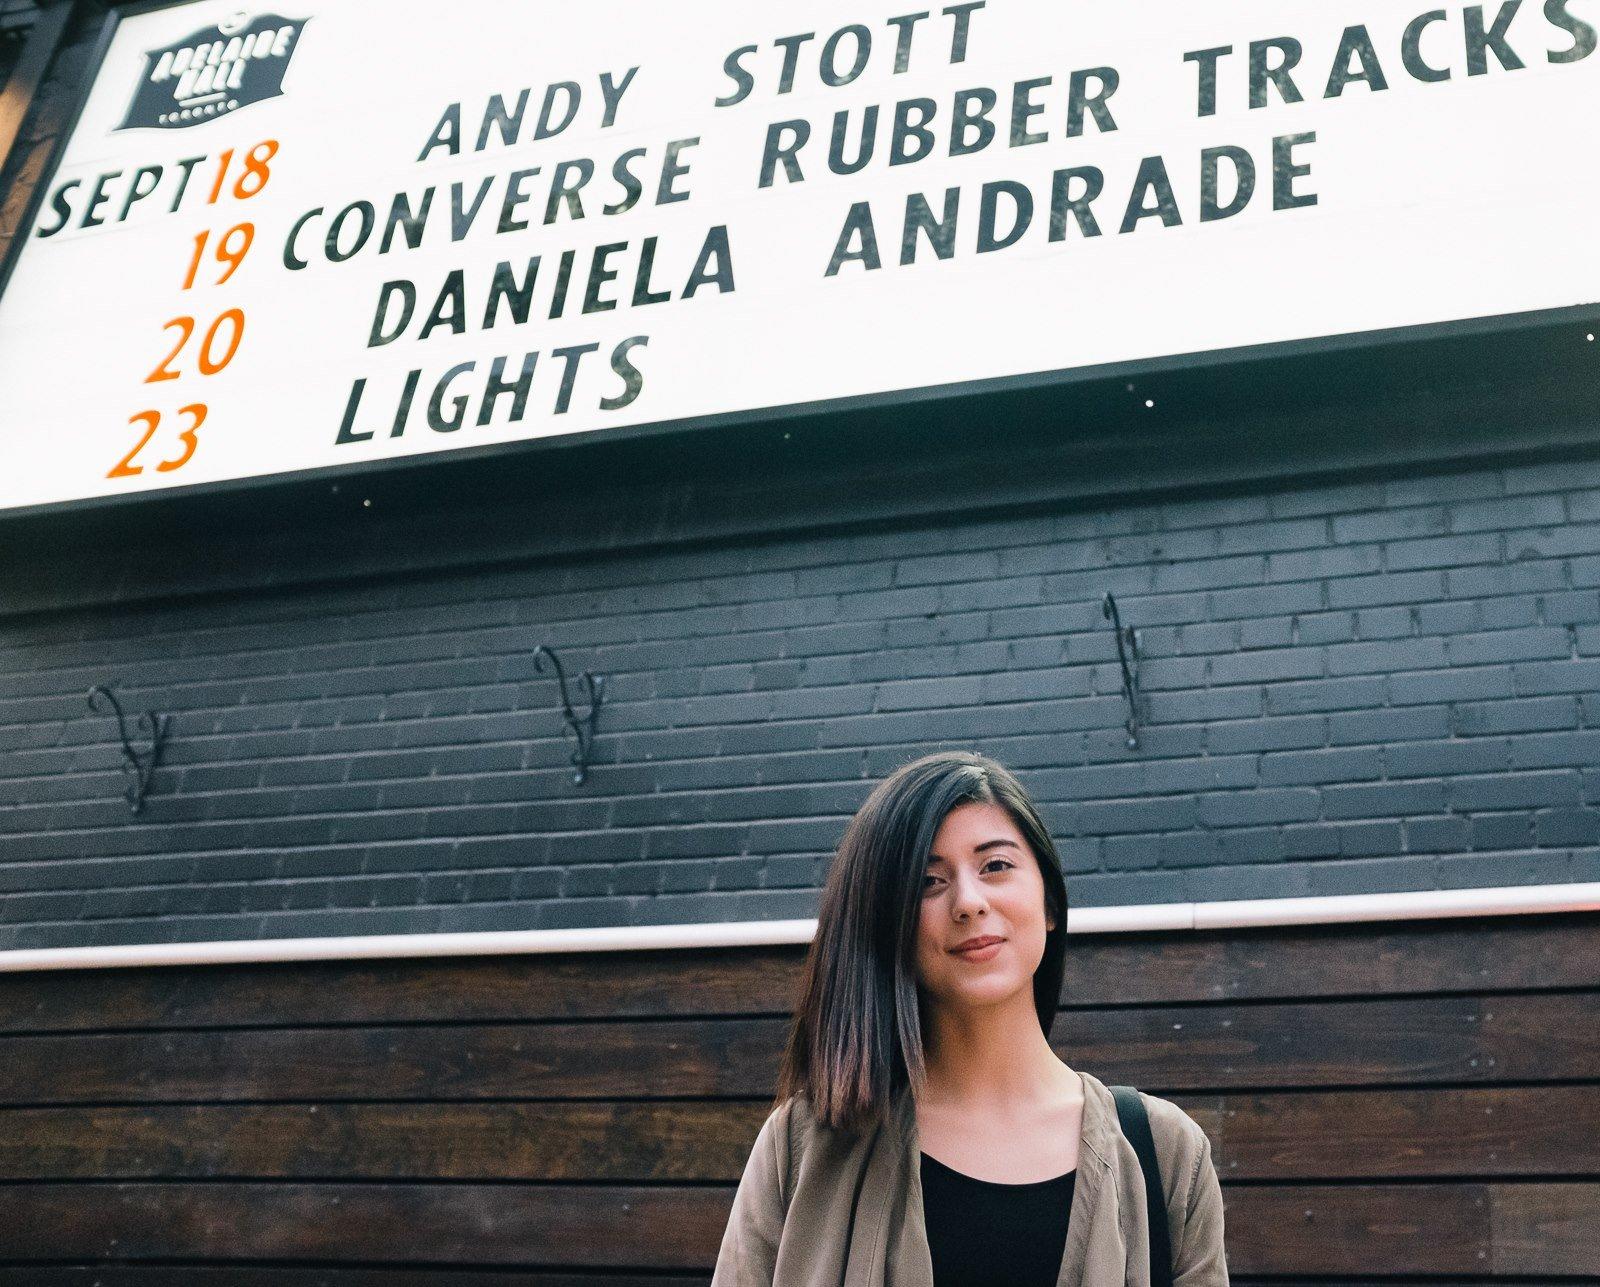 DANIELA ANDRADE - ANY OTHER WAY LYRICS